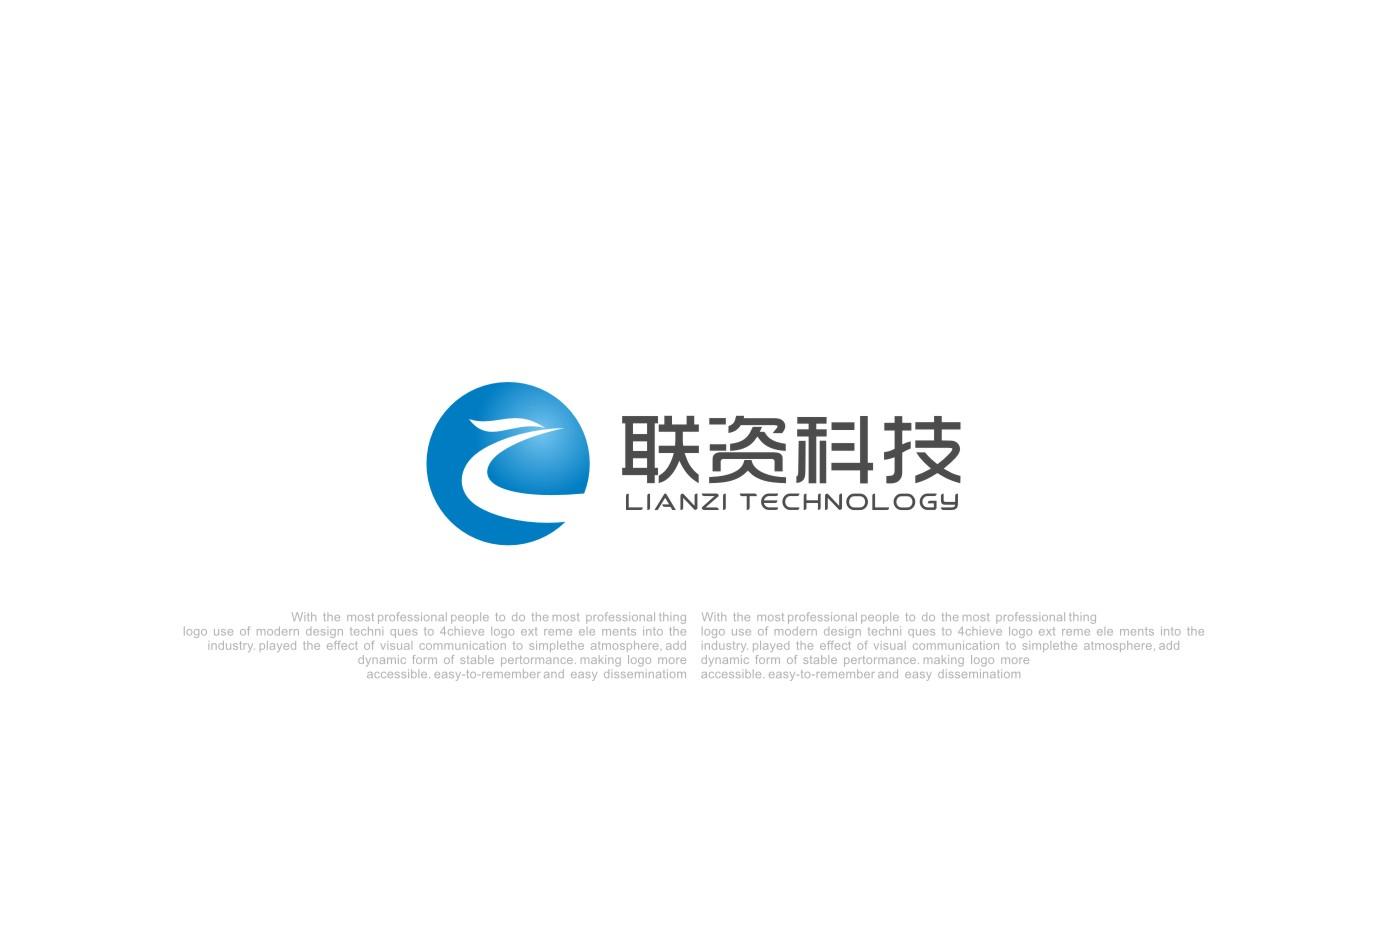 石化行业公司Logo设计_2963473_k68威客网